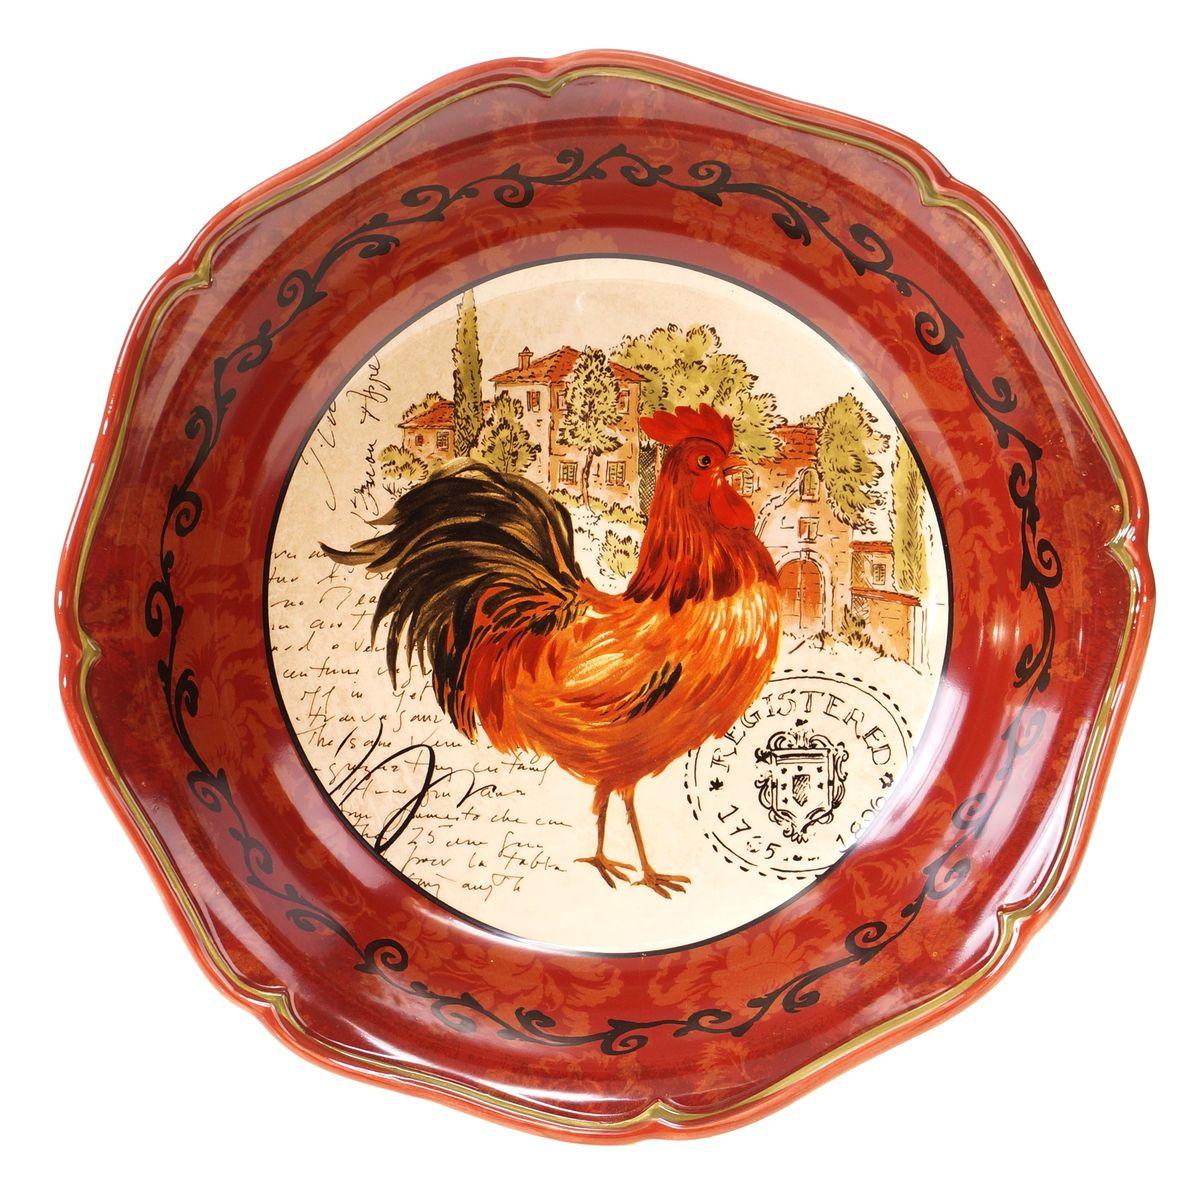 Блюдо Certified International Тосканский петух, диаметр 33 см63211Блюдо Certified International Тосканский петух, изготовленное из керамики, отлично подойдет для красивой сервировки различных блюд. Изделие придется по вкусу и ценителям классики, и тем, кто предпочитает утонченность и изысканность.Блюдо Certified International Тосканский петух идеально подойдет для сервировки стола и станет отличным подарком к любому празднику.Диаметр по верхнему краю: 33 см.